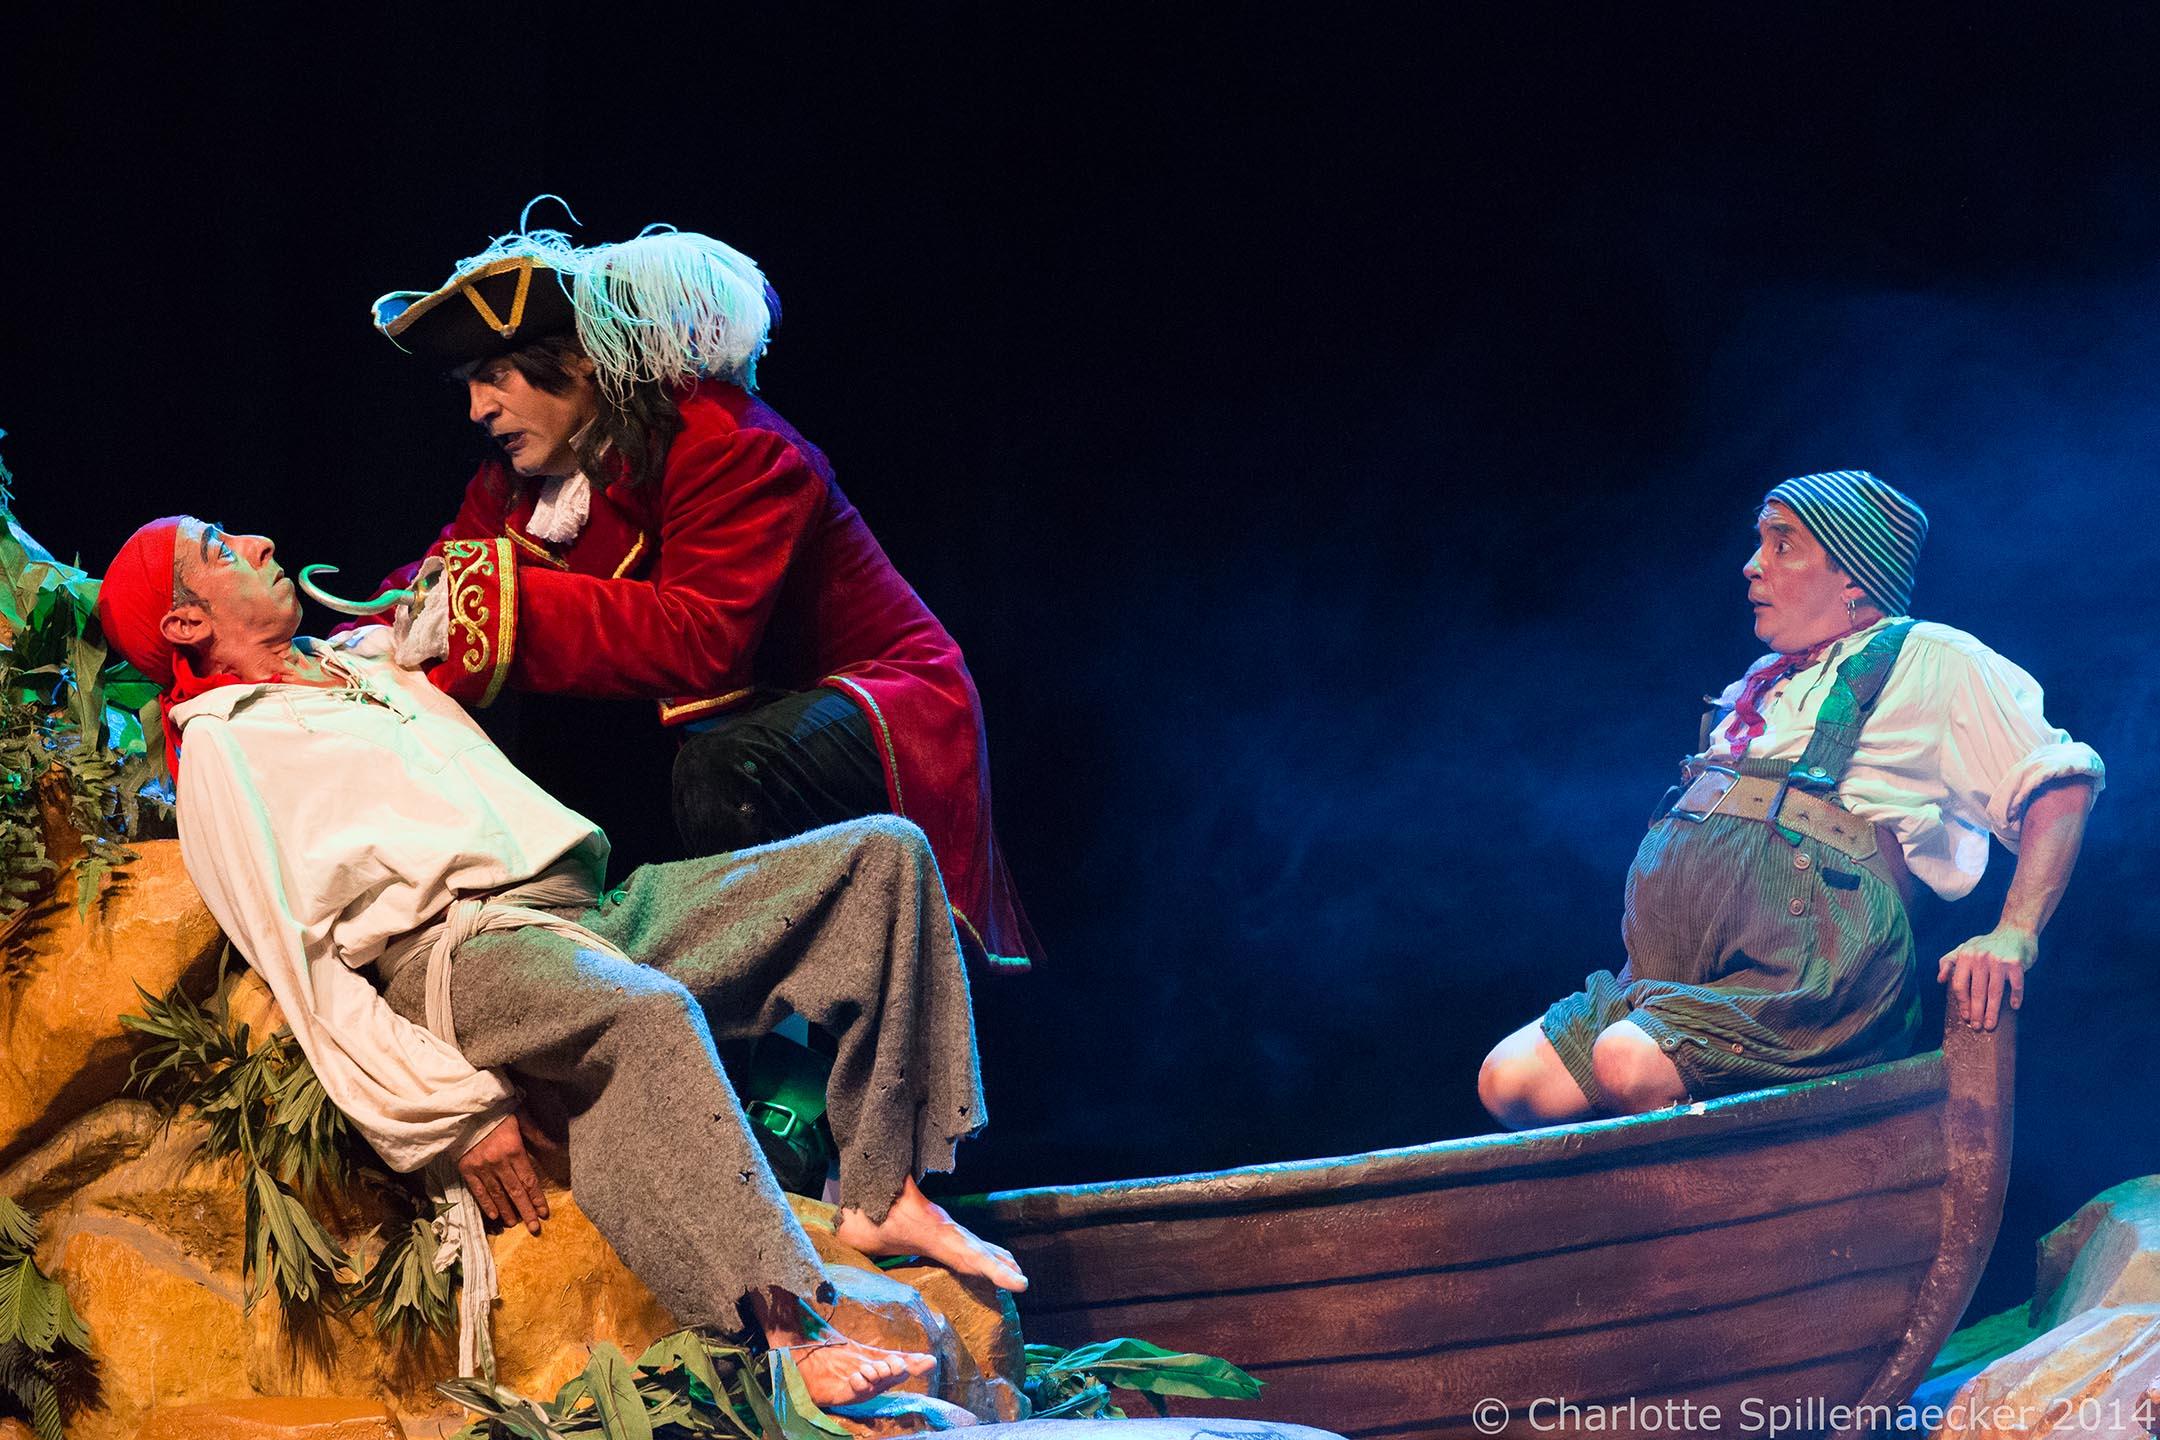 Le capitaine crochet images images le spectacle - Peter pan et capitaine crochet ...